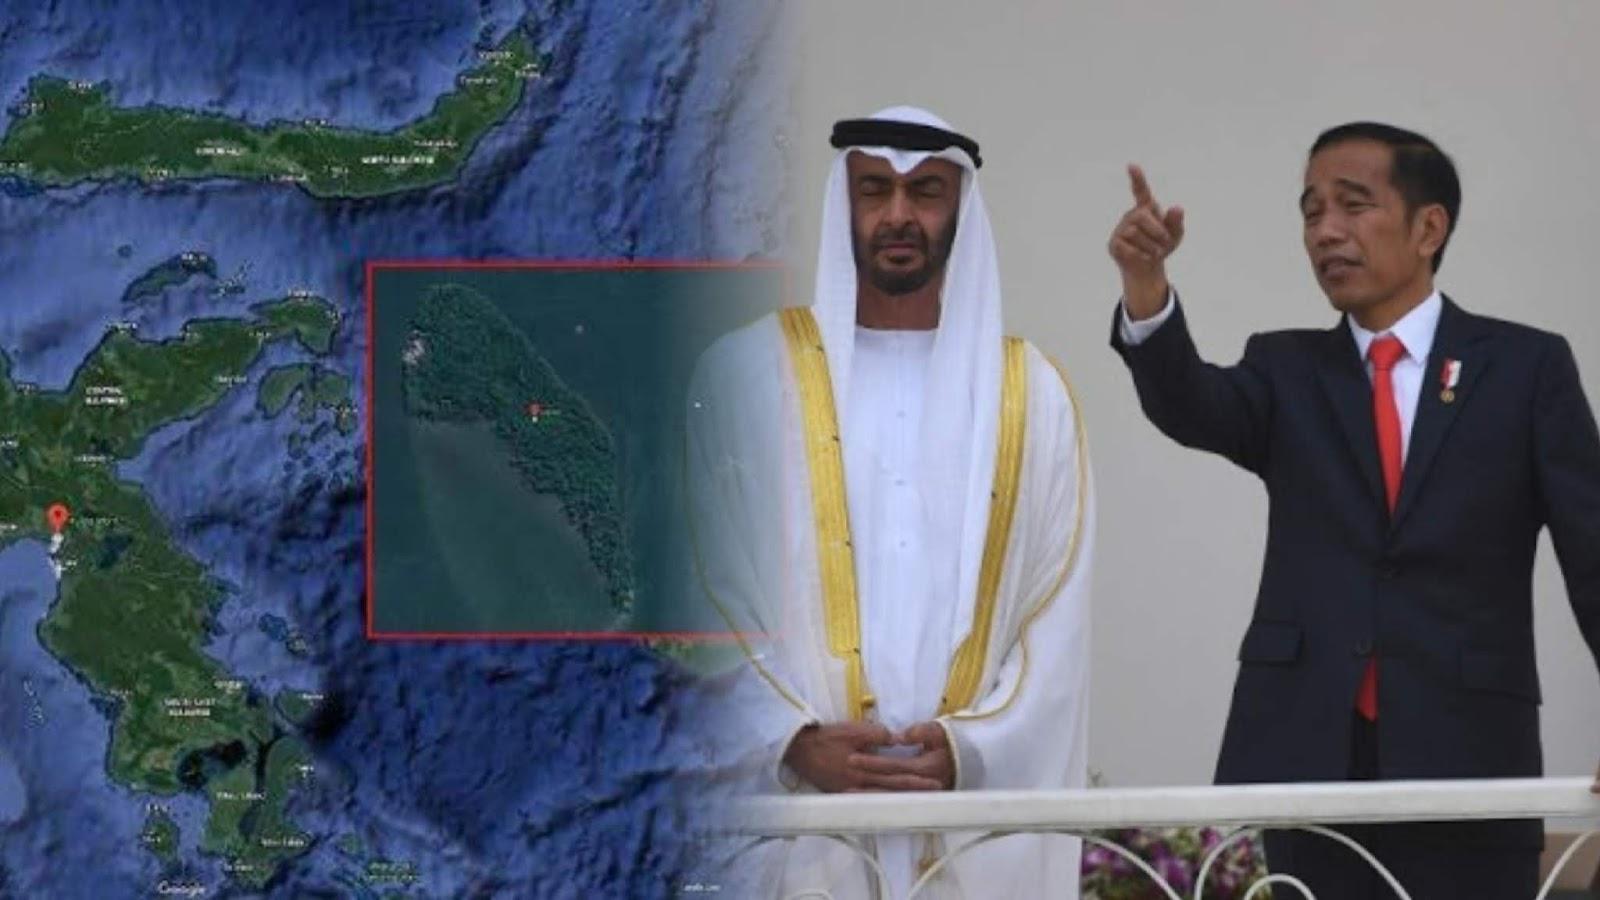 Pemerintah Indonesia Menawarkan Pulau di Sulawesi Tengah ke Putra Mahkota Uni Emirat Arab